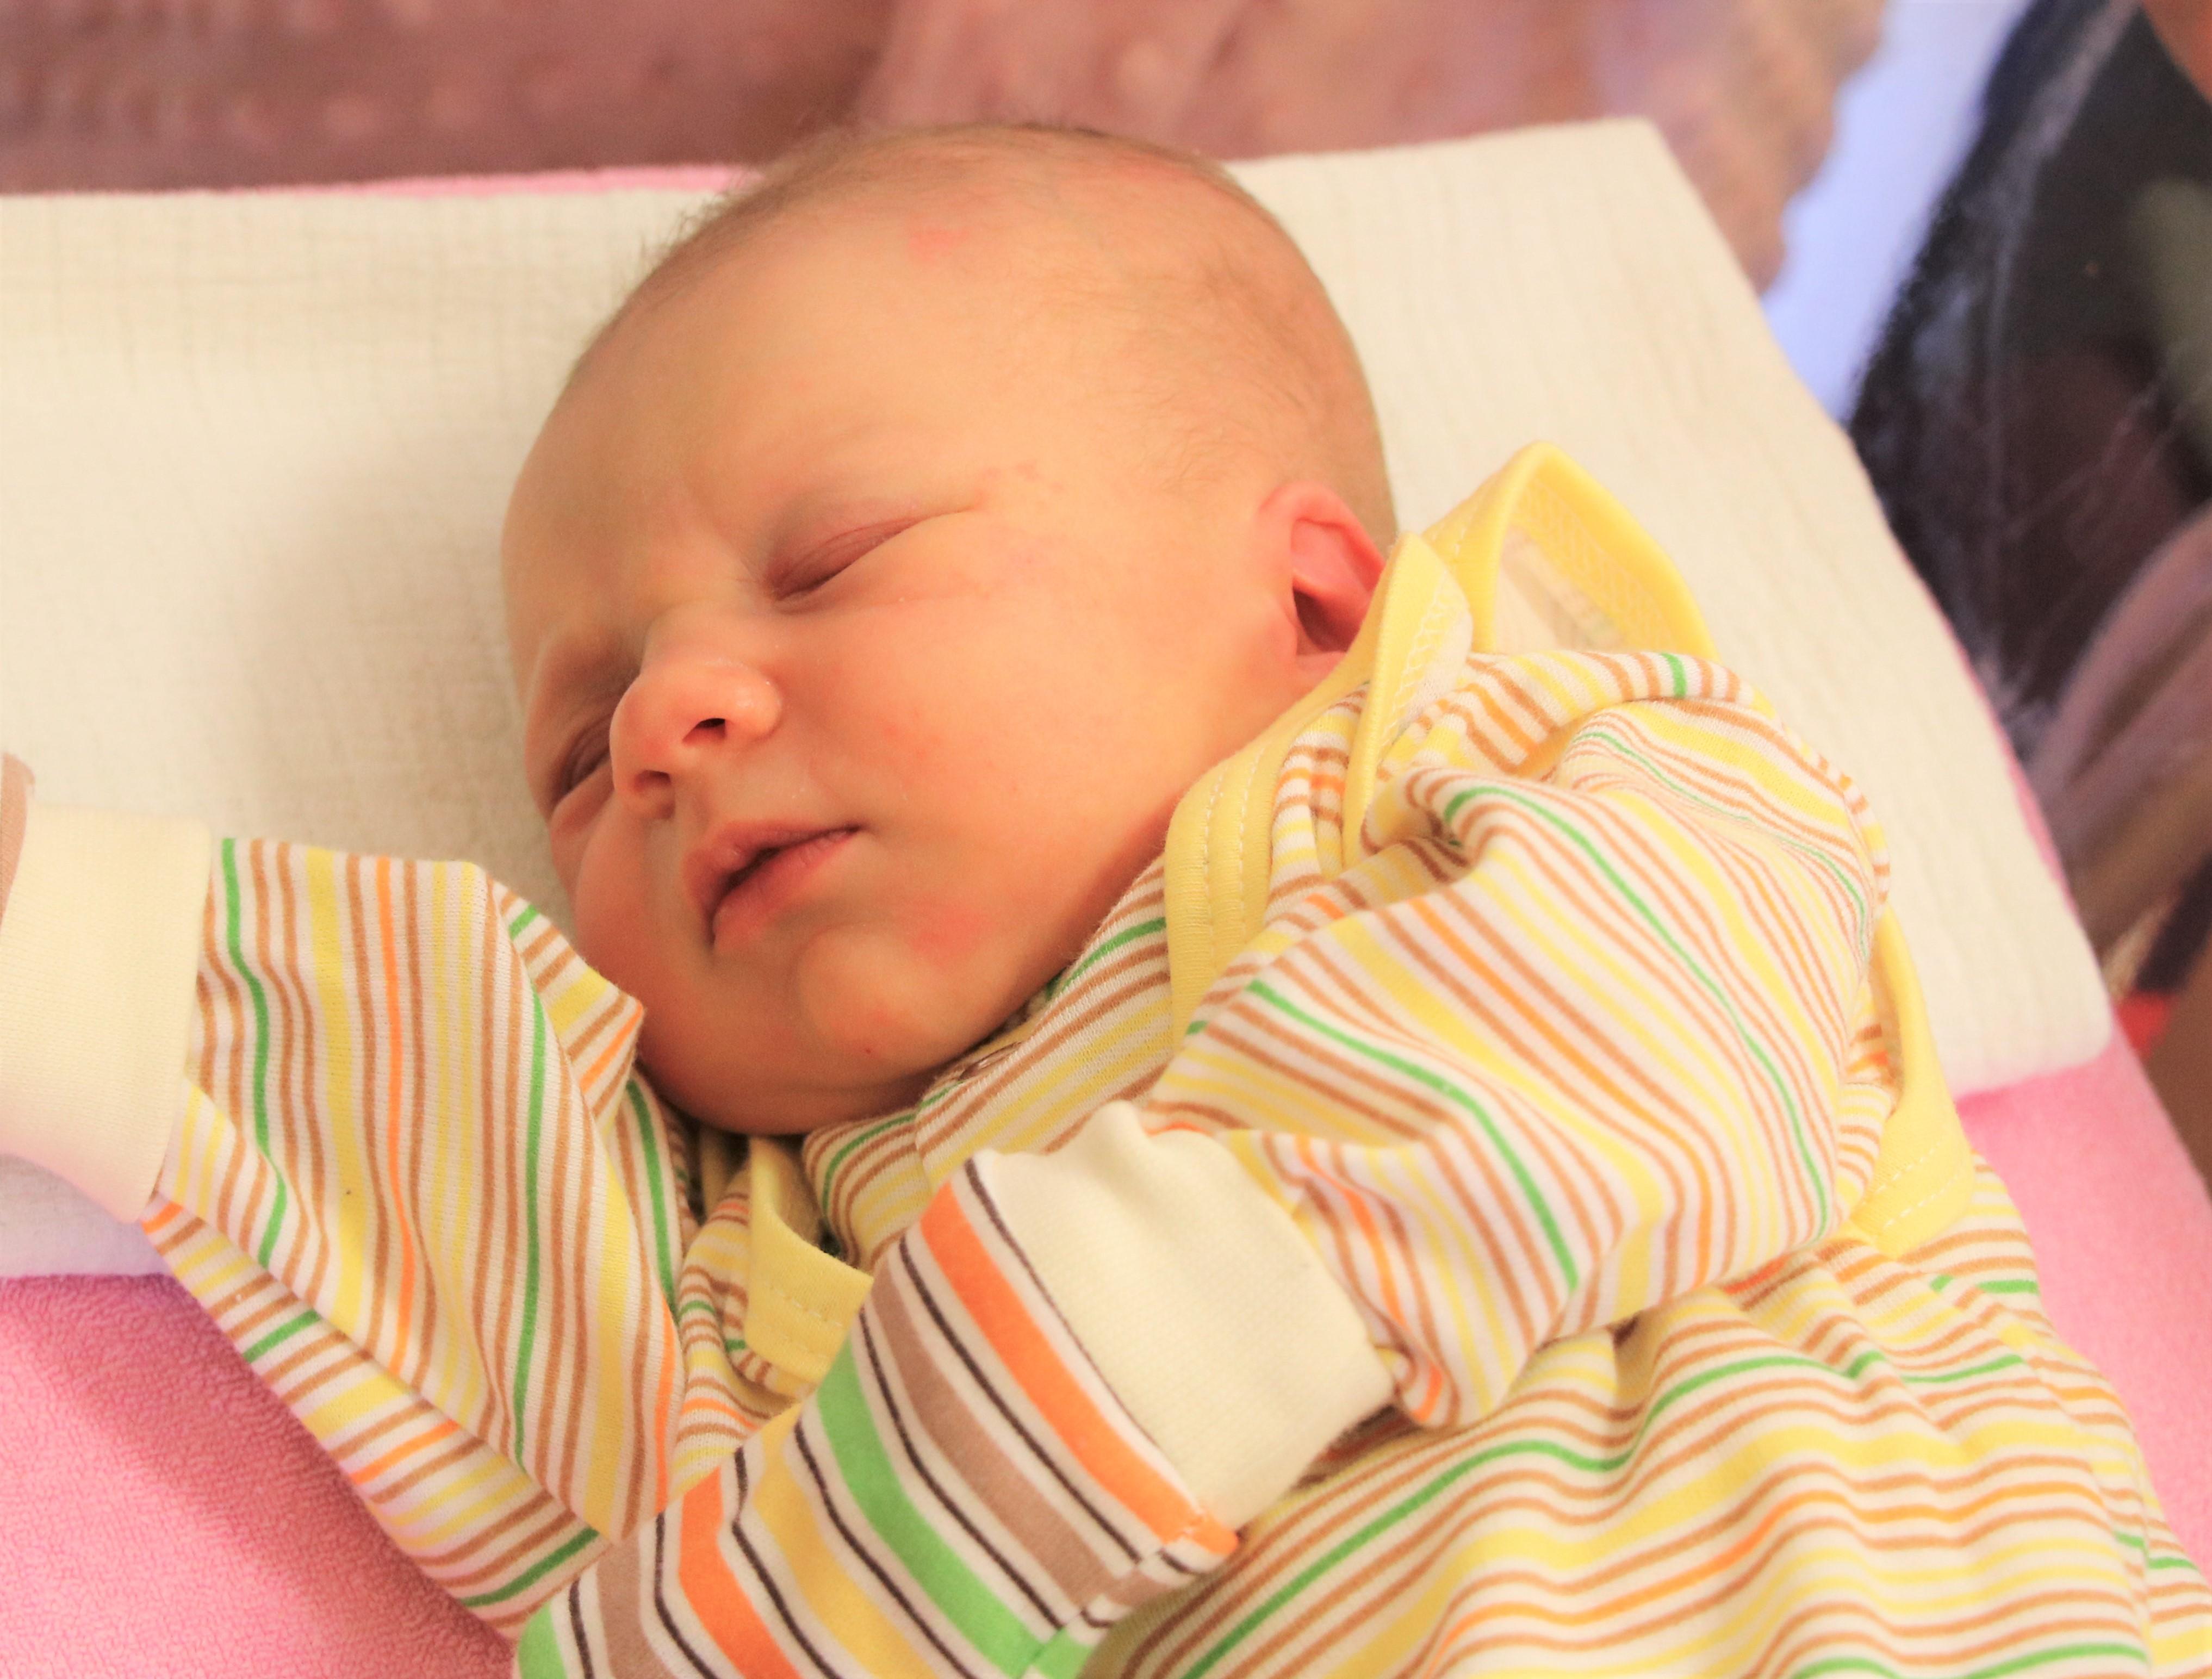 Zdjęcie Lilianki Migacz - pierwszego dziecka urodzonego w 2020 w Powiecie Limanowskim